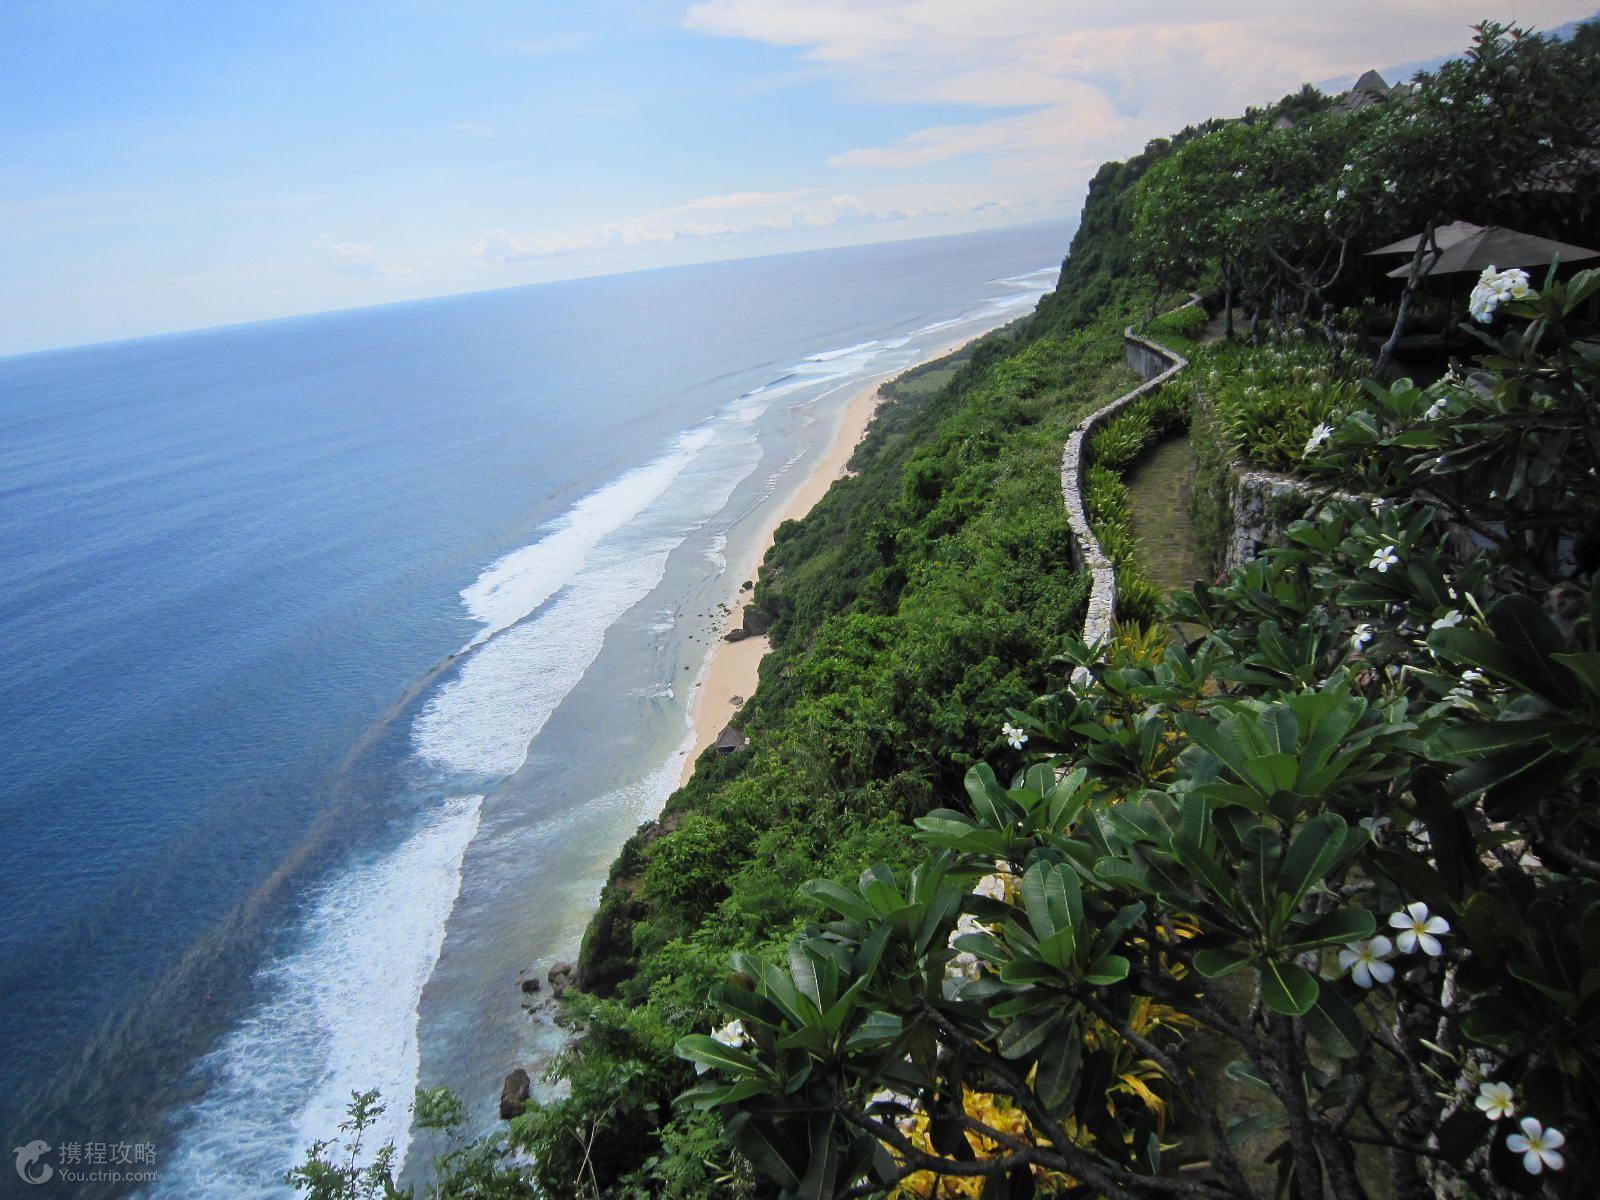 摄影之旅·巴厘岛7日5晚半自助游·巴厘岛5晚7日热情